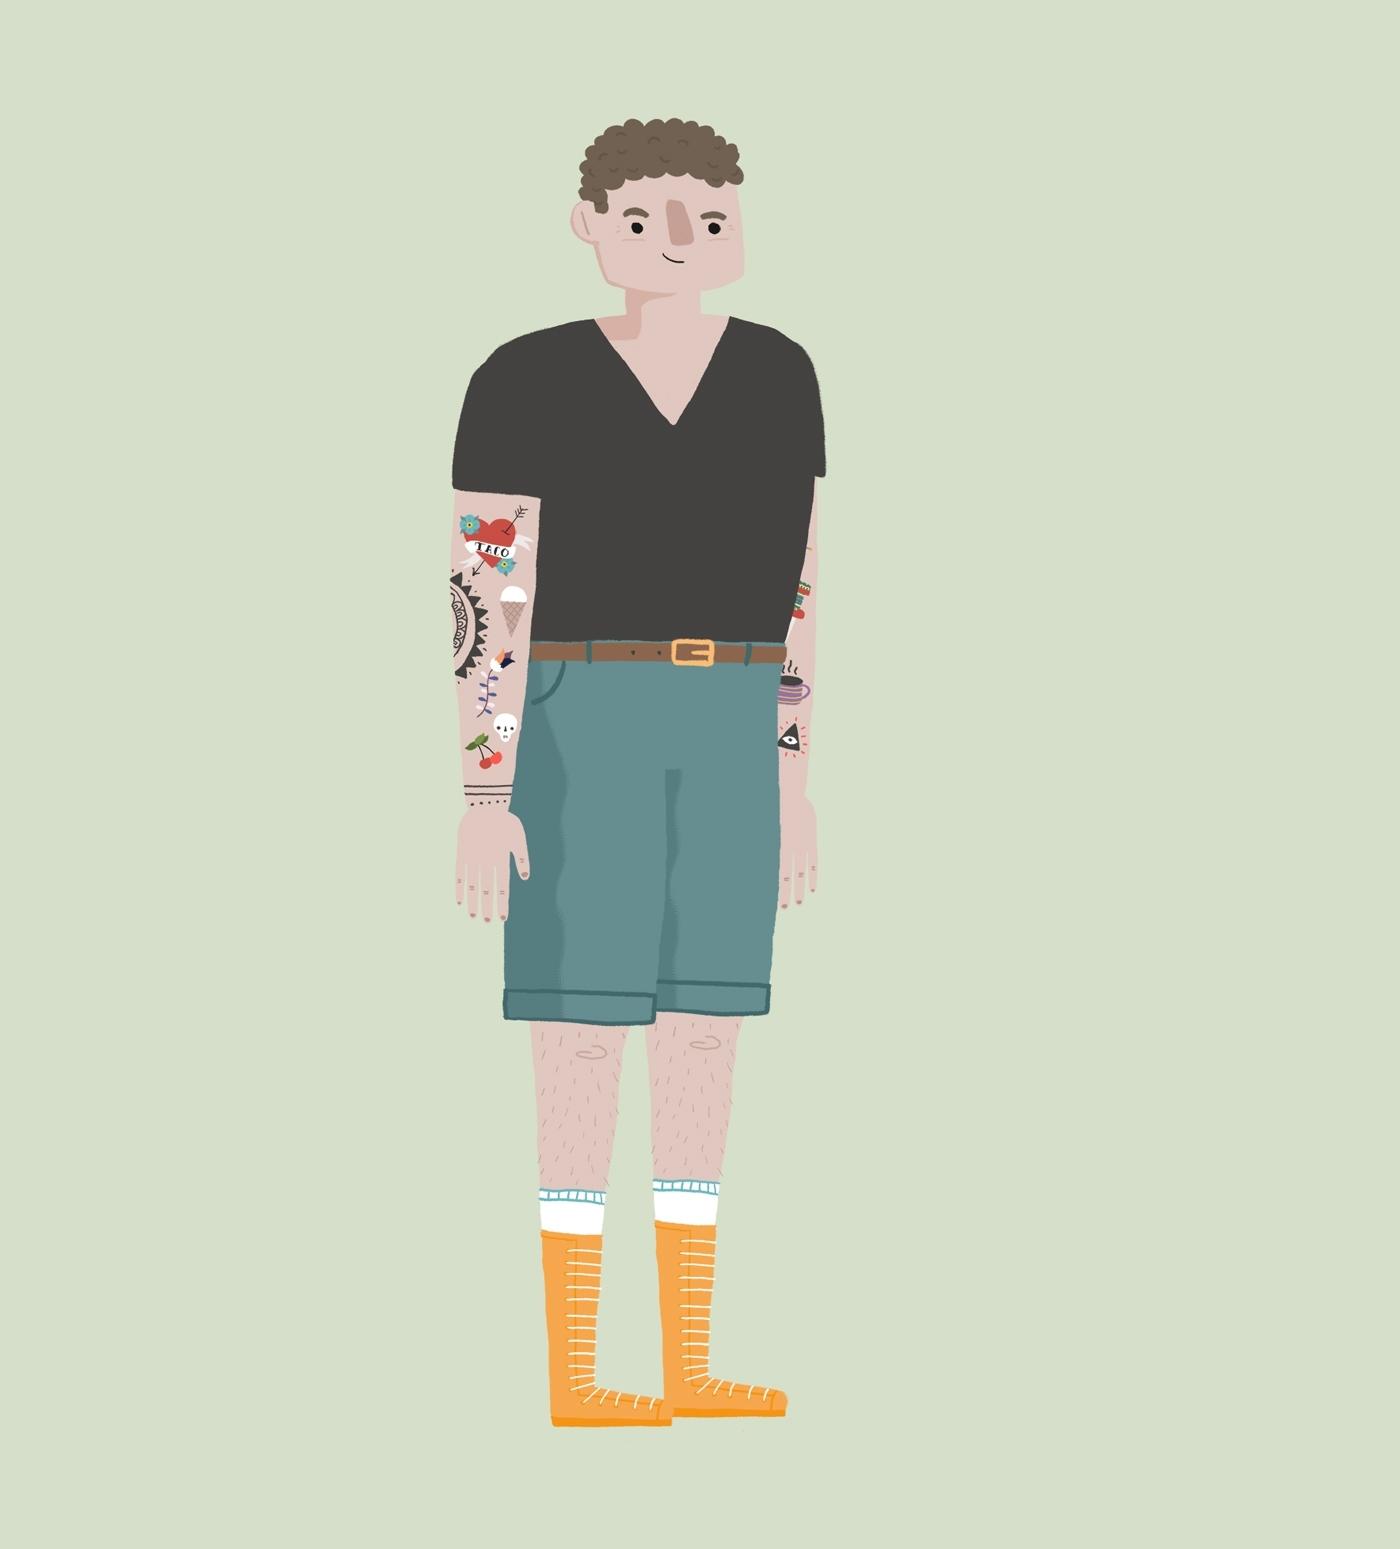 2d karakter design med tattoveringer og skjorts for matprat sin forklaringsfilm om matsvinn